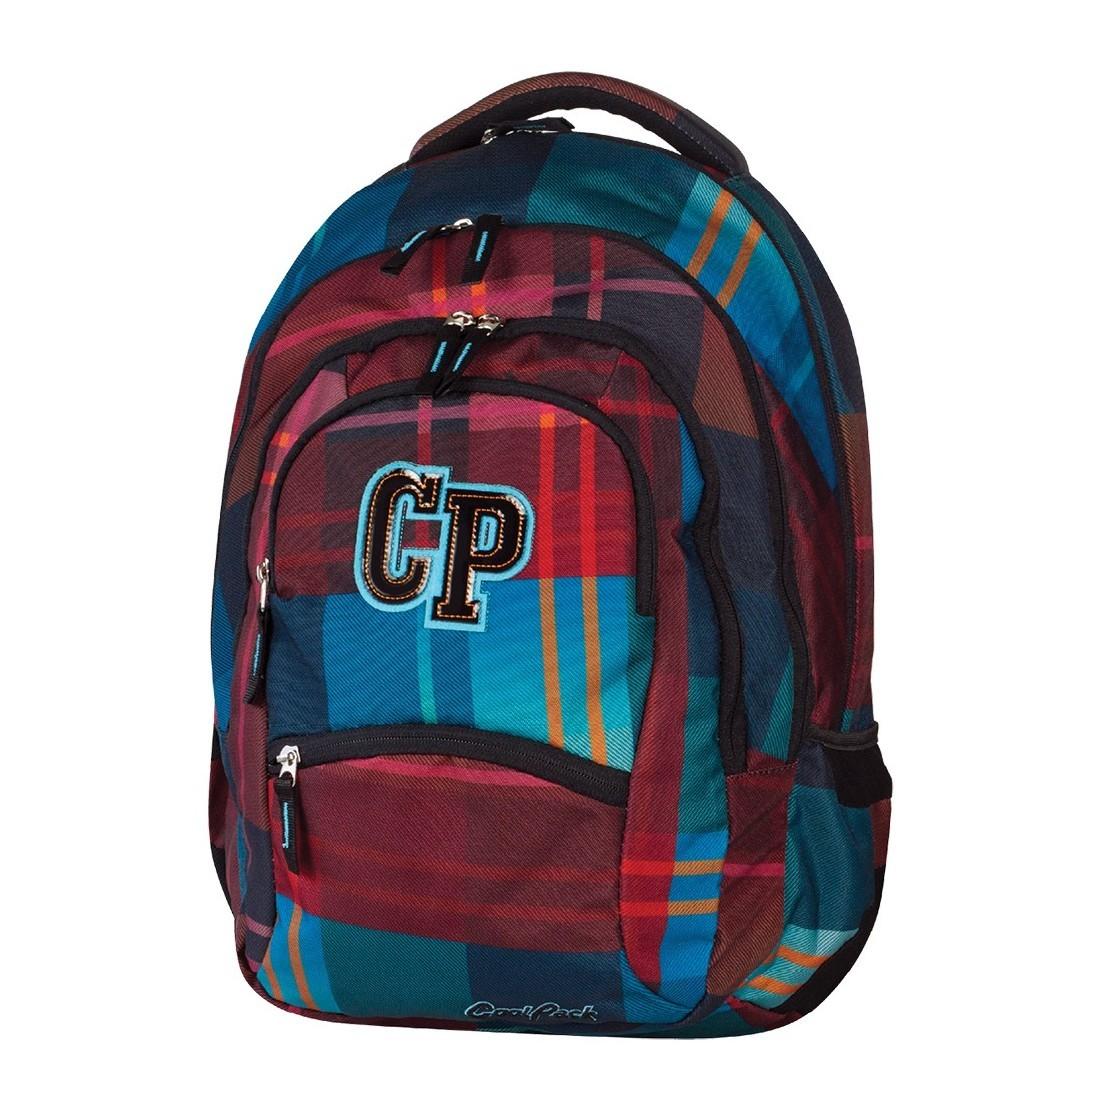 Plecak młodzieżowy CoolPack CP bordowy i niebieski - 5 przegród COLLEGE MAROON 461